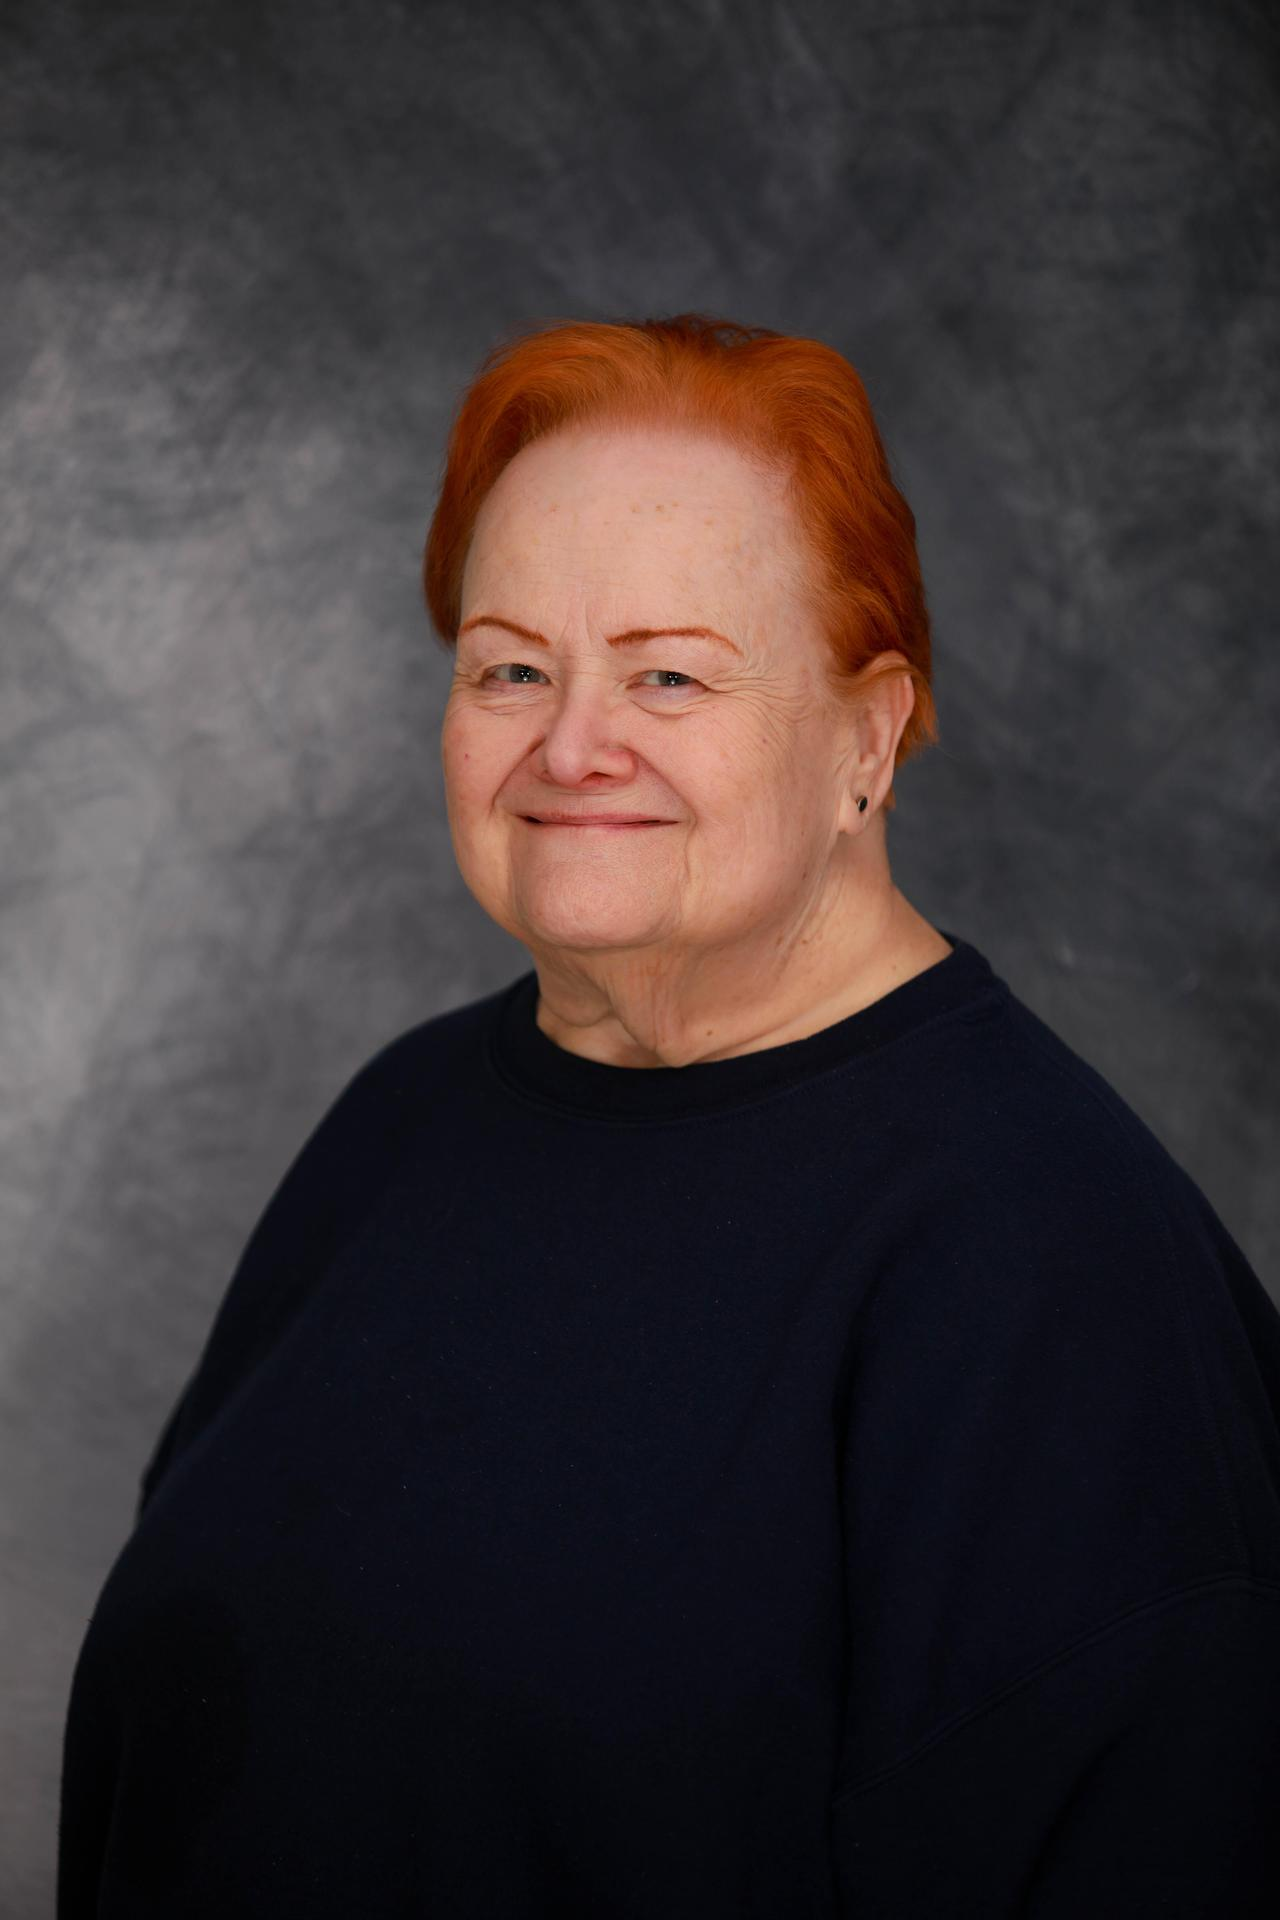 Patricia Keenan